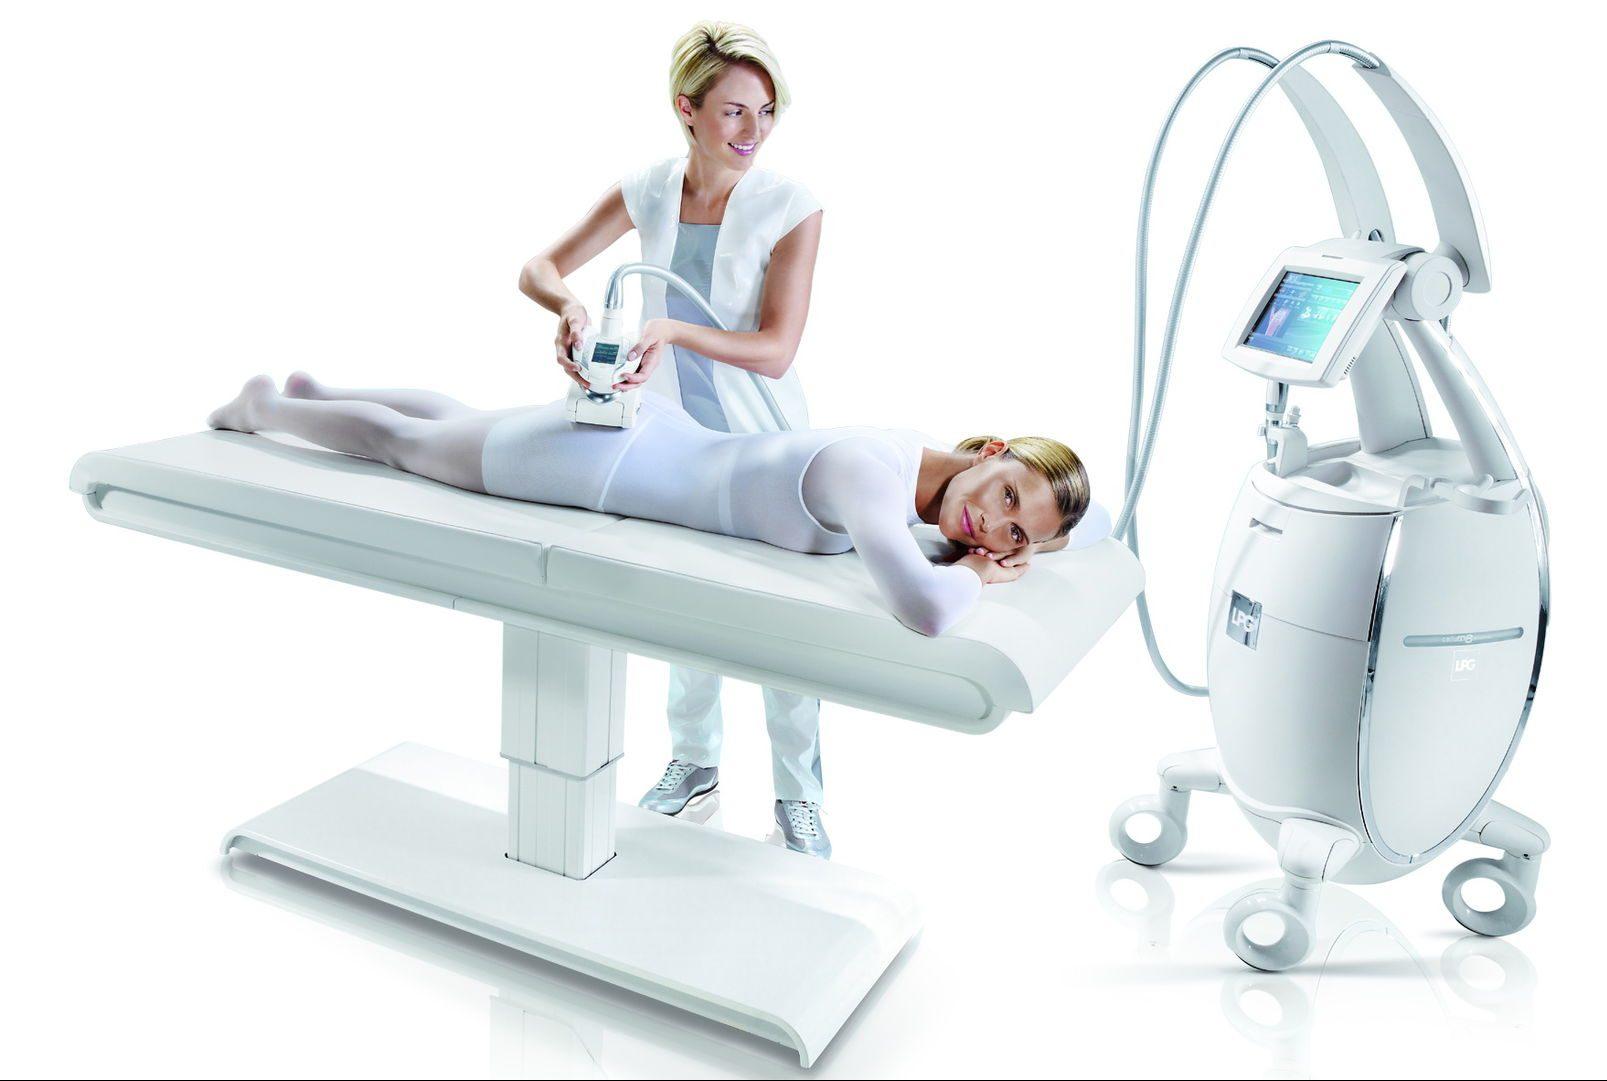 lpg масаж с lpg integral